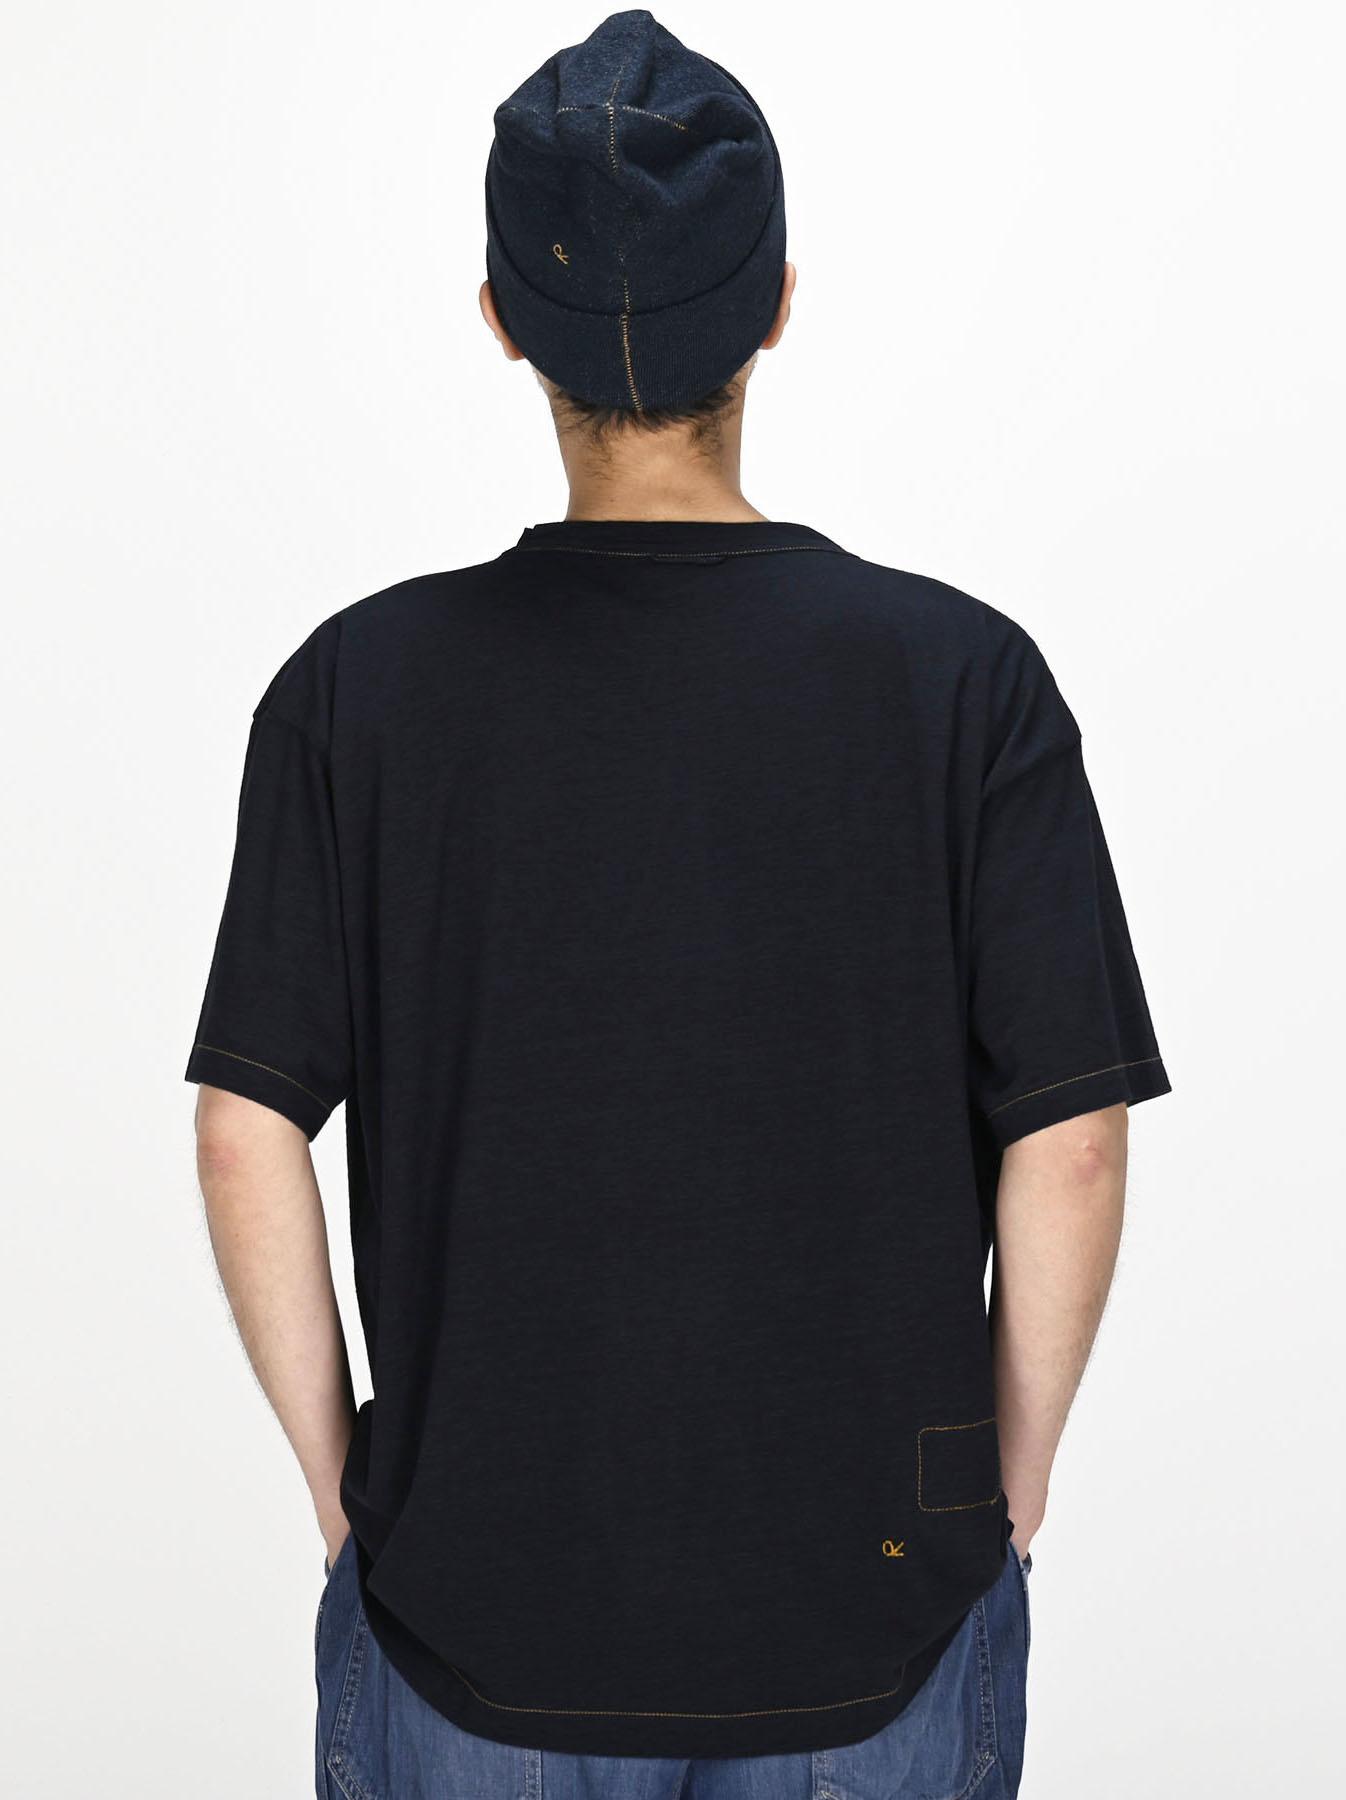 Indigo Sumite de Owl T-shirt-4